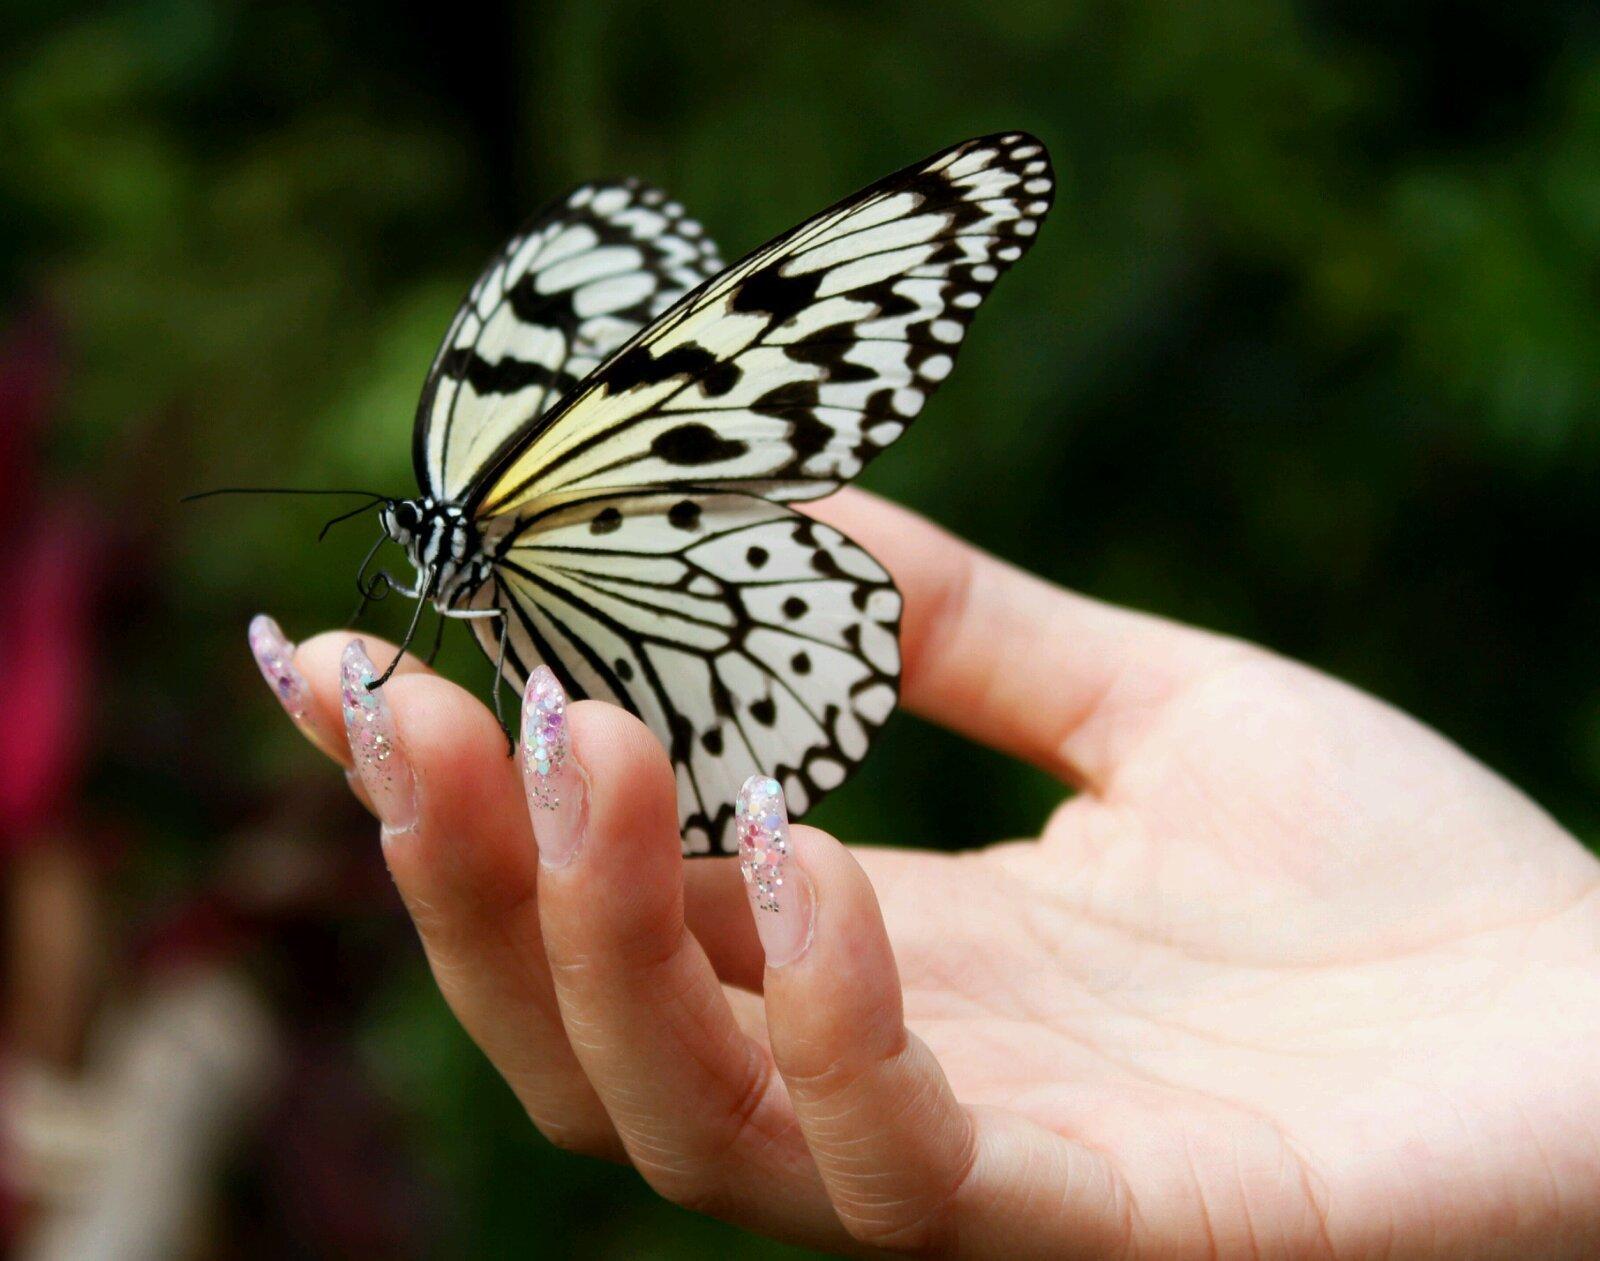 我们不免有很多感慨,来的时间完全不对,根本不是蝴蝶的活动时间嘛.